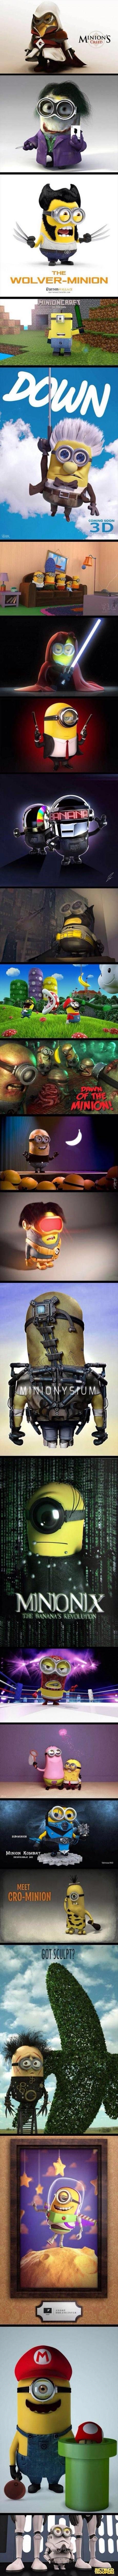 Joepie! Filmster Minion's!